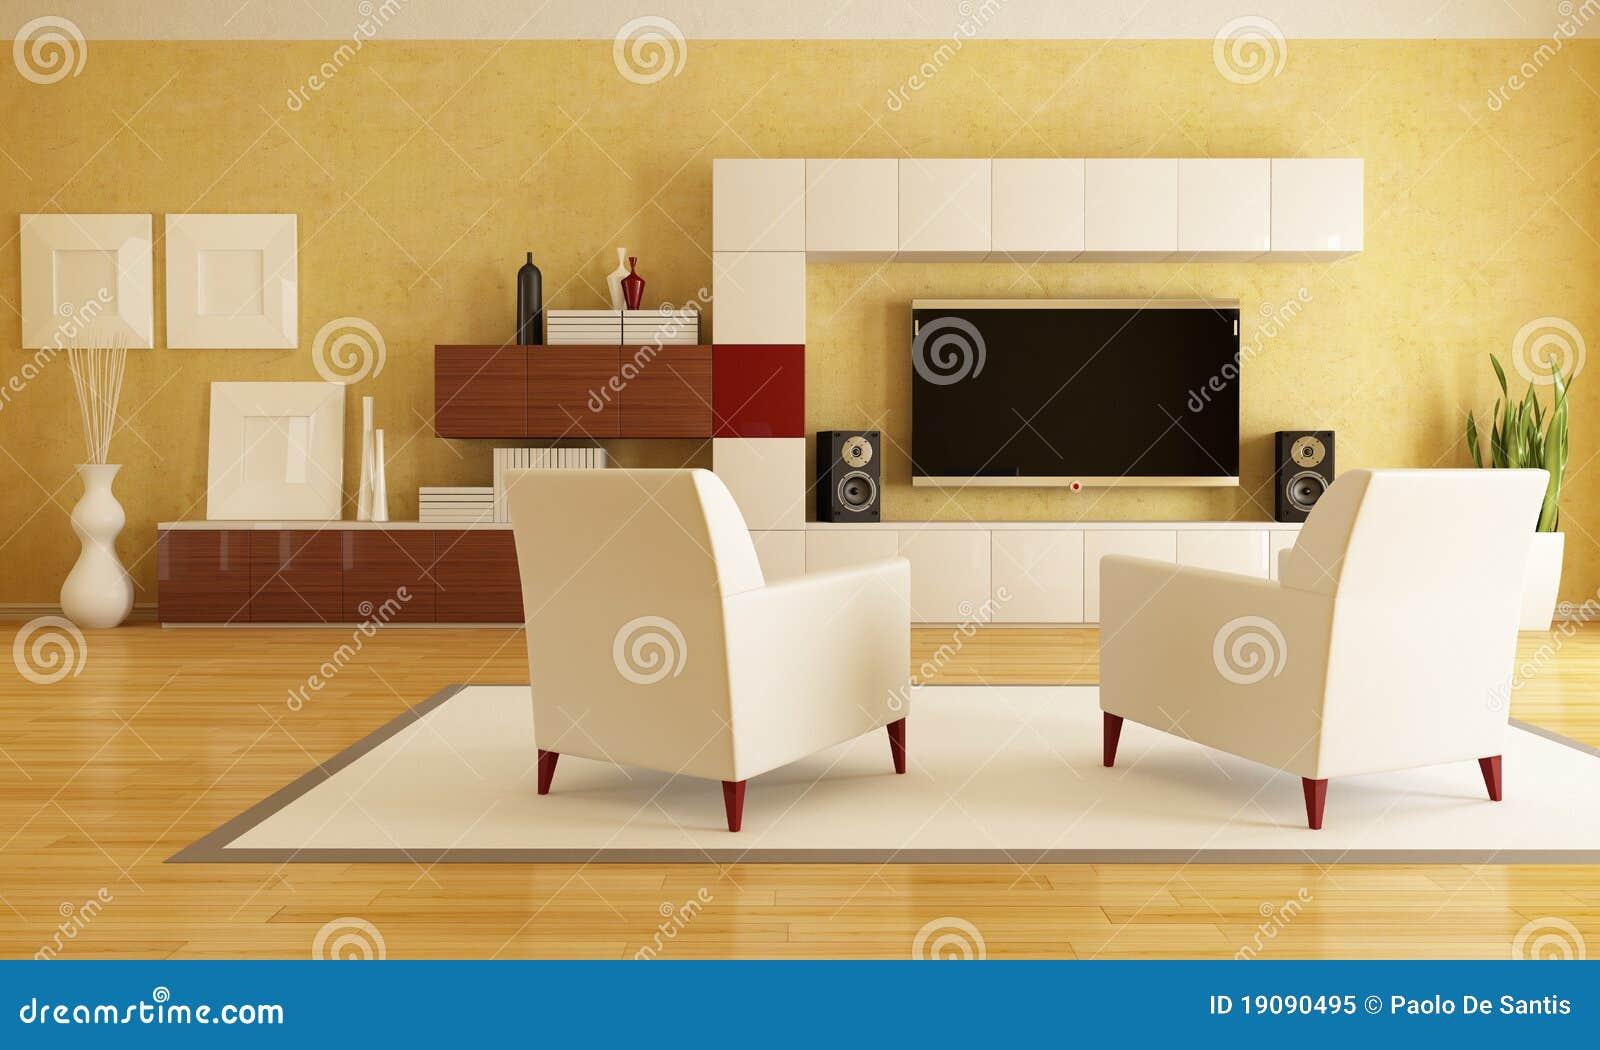 Sala De Estar Junto Con Sala De Tv ~ Sala De Estar Con El Hd TV Foto de archivo libre de regalías  Imagen